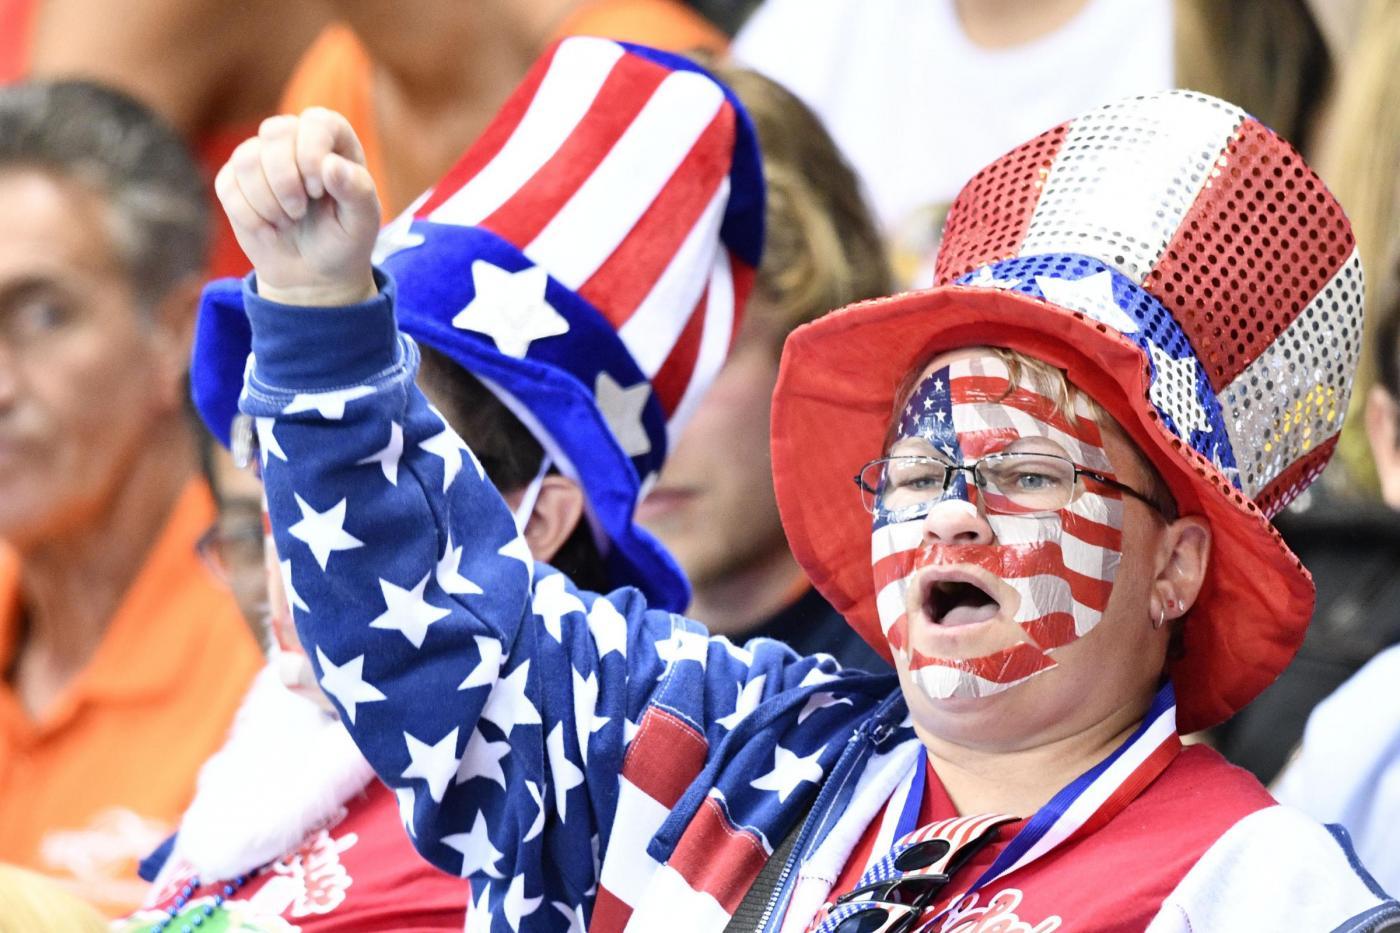 USA-Trinidad e Tobago 23 giugno: match valido per la seconda giornata del gruppo D della Gold Cup. Padroni di casa favoriti.